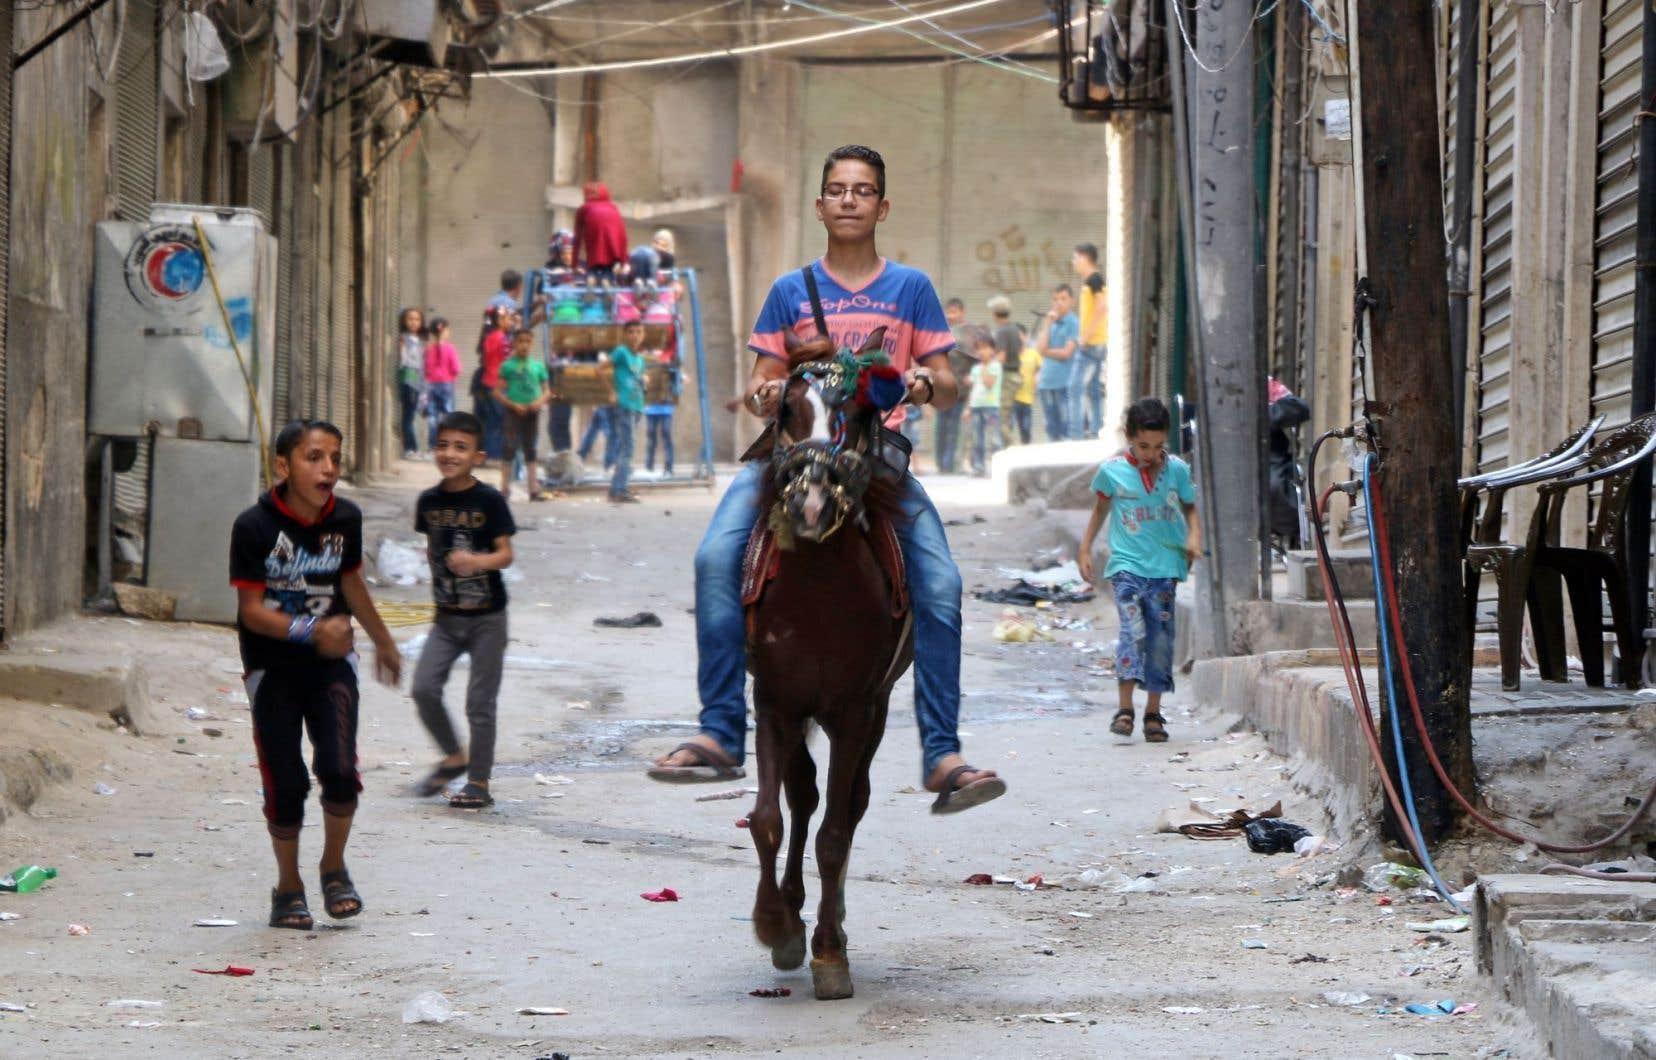 Mardi, les quartiers rebelles d'Alep n'ont pas subi de tirs aériens, contrairement aux derniers jours.